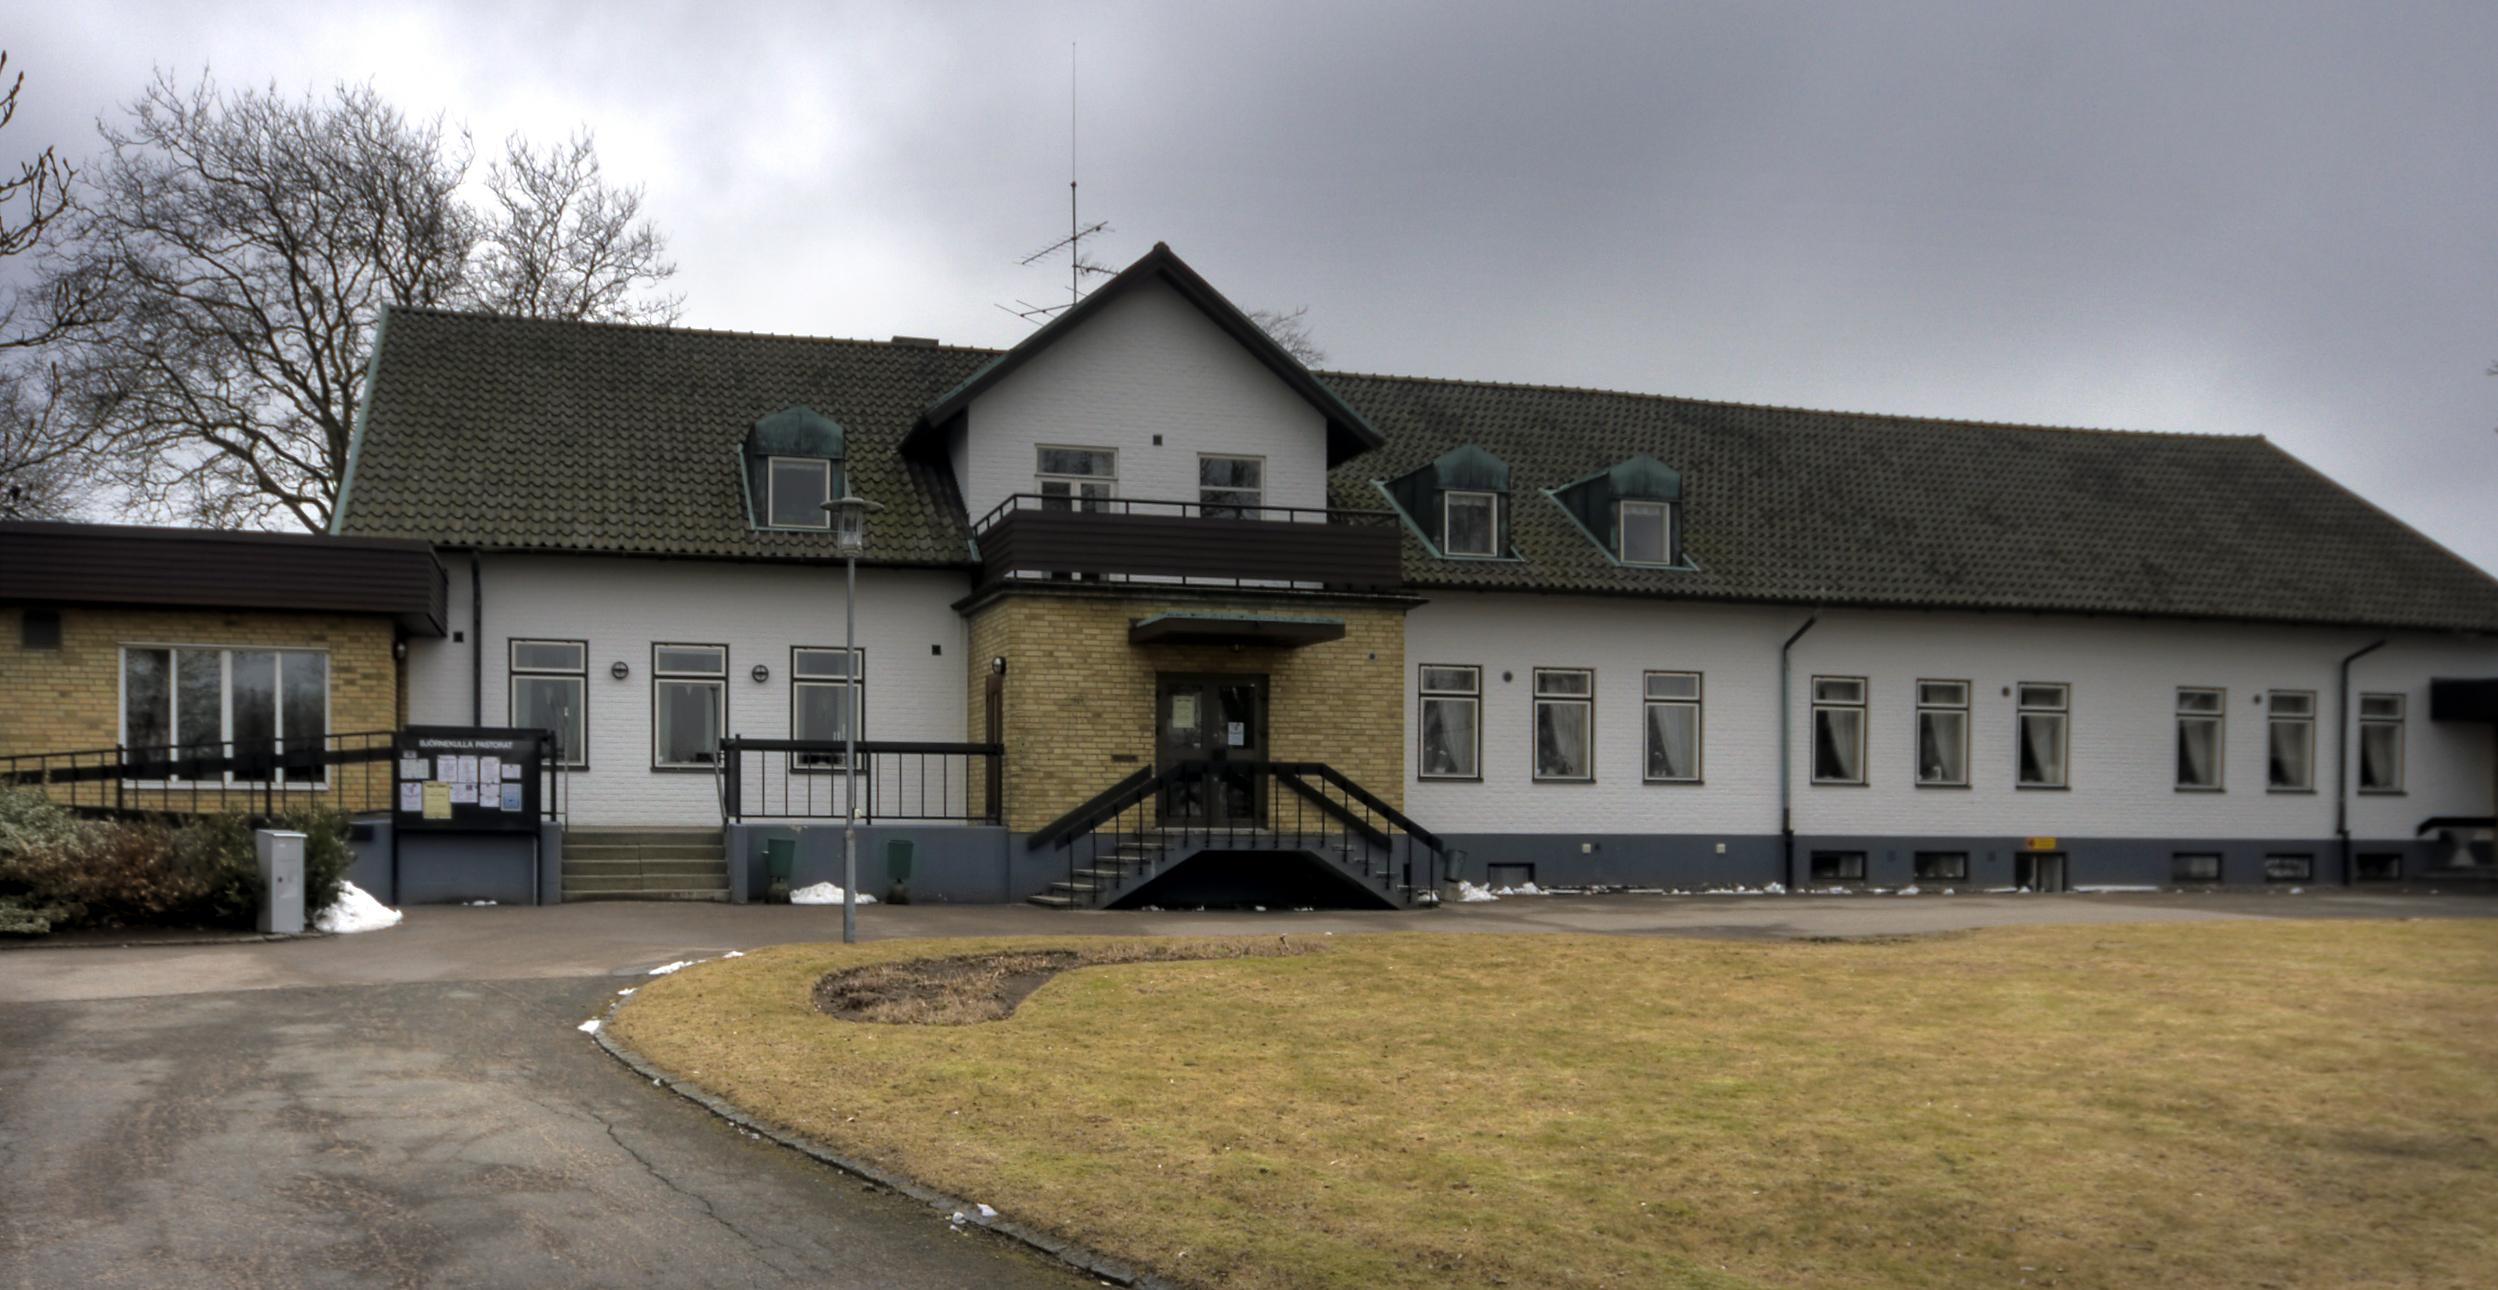 Bjrnekulla-Vstra Broby frsamling - Svenska kyrkan